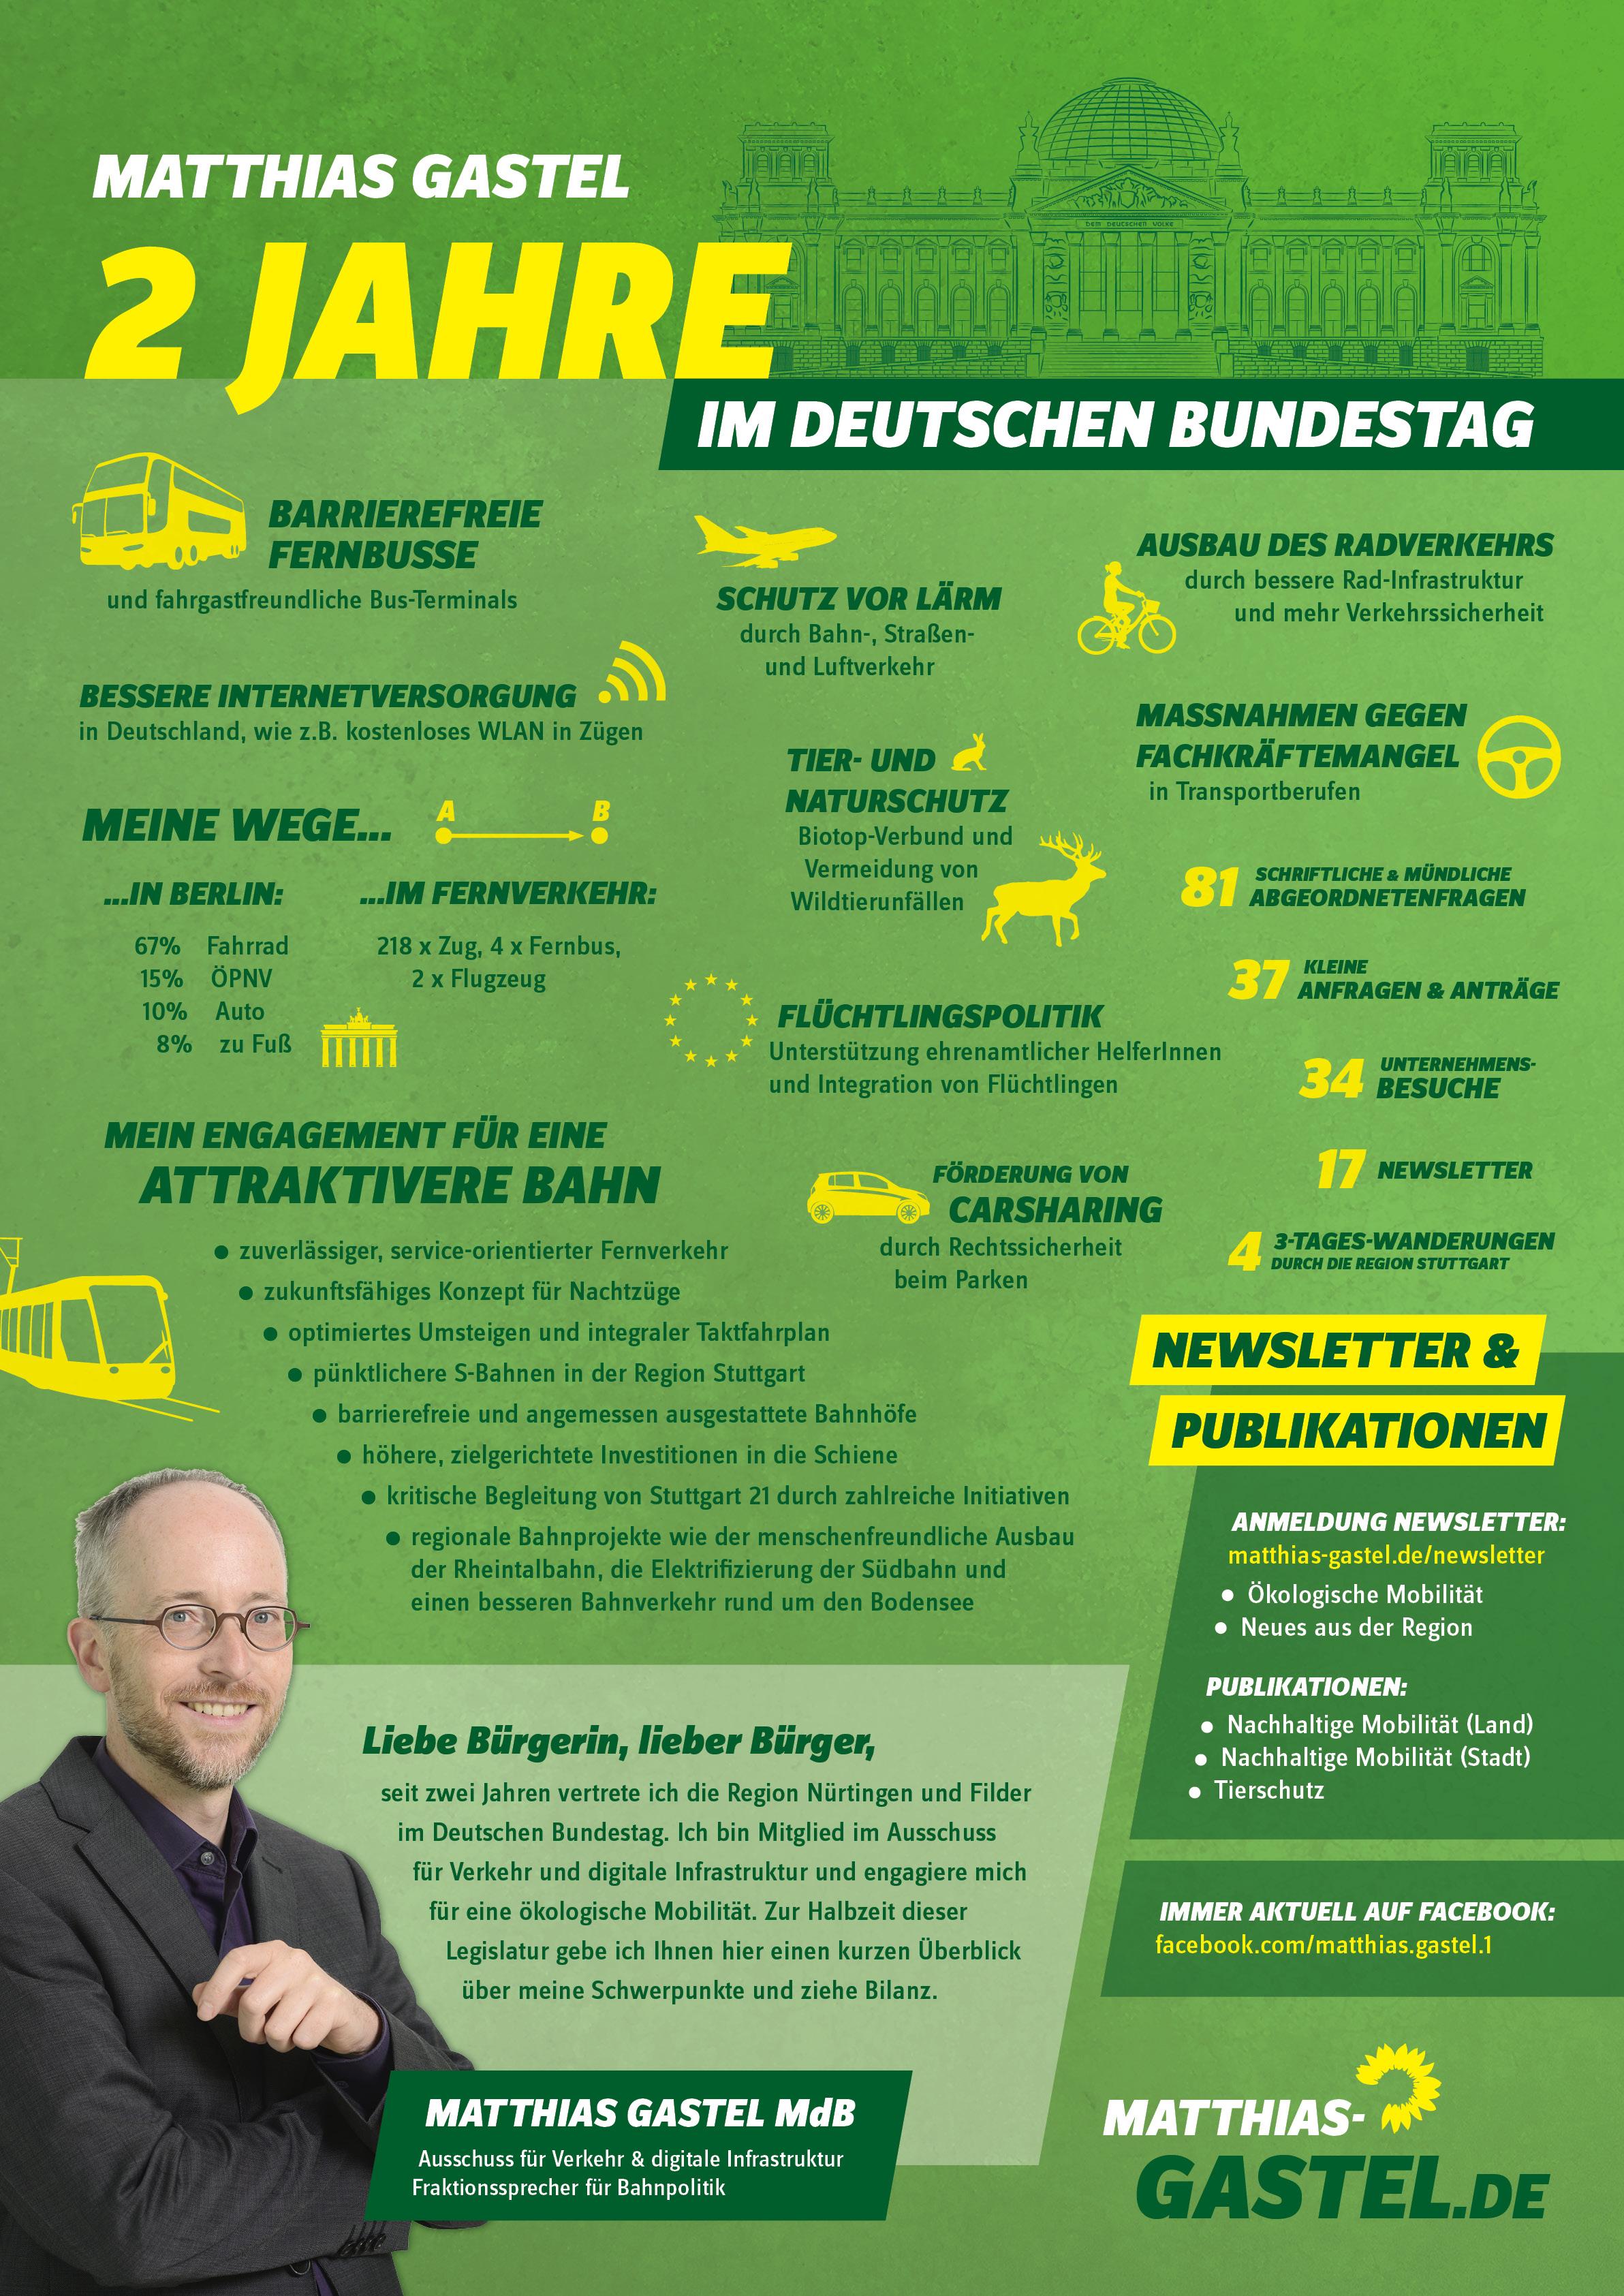 Halbzeit der Legislatur von Matthias Gastel